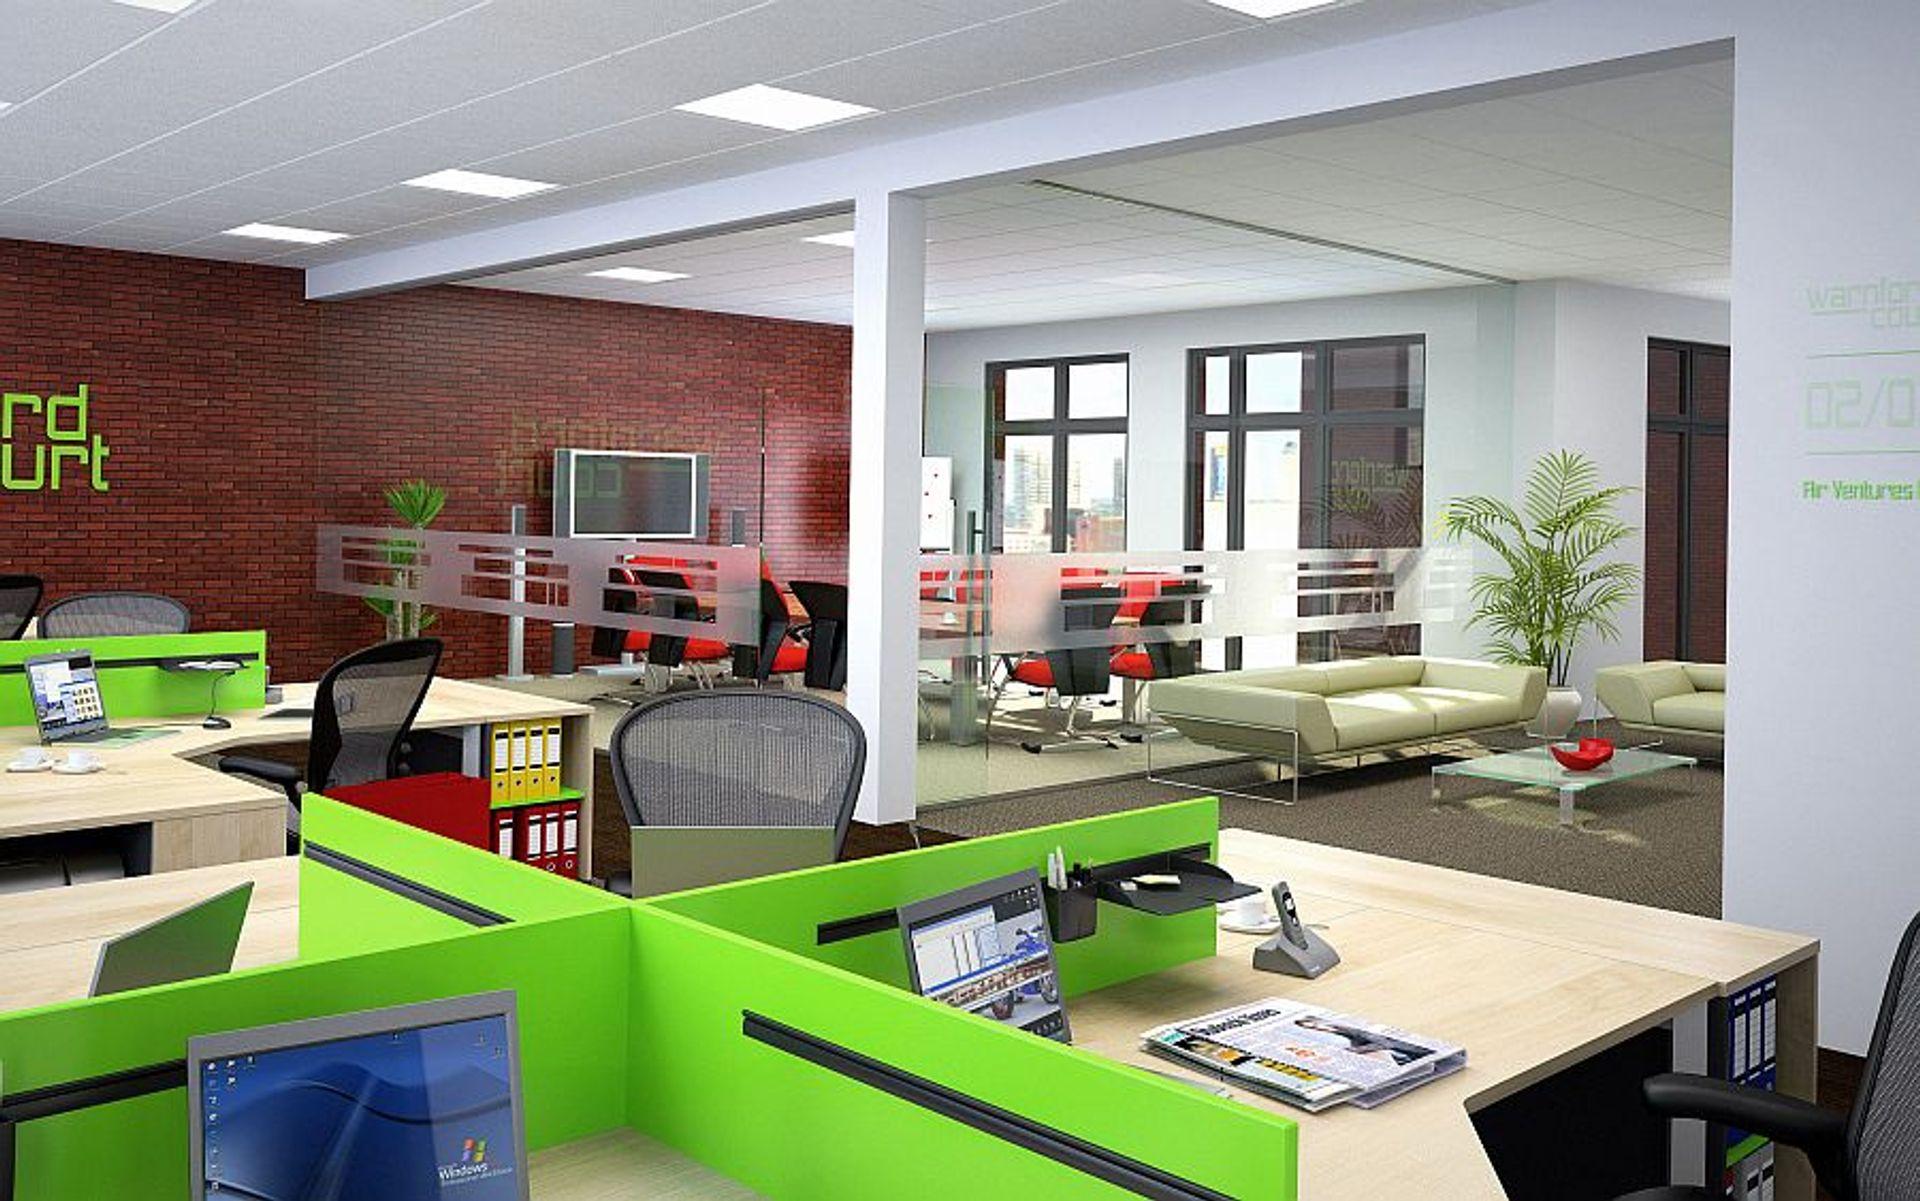 Przestrzeń miejska - przestrzeń biurowa